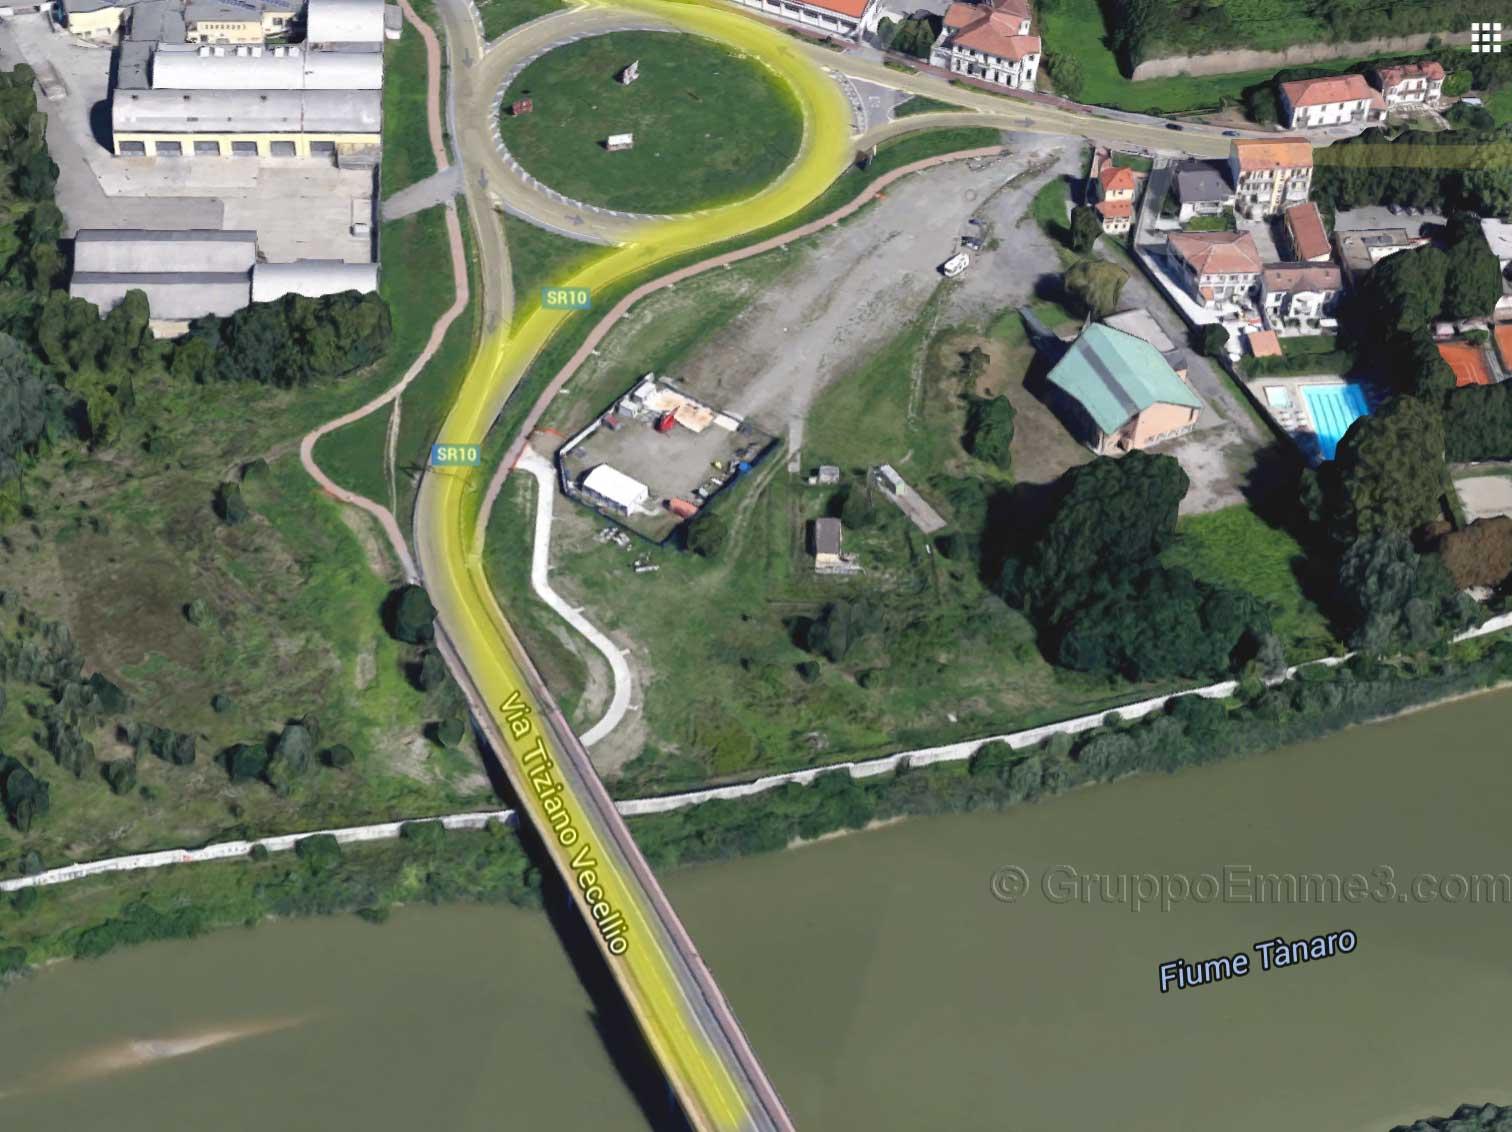 ponte meier ponte tiziano percorso giallo gruppo emme3 toyota